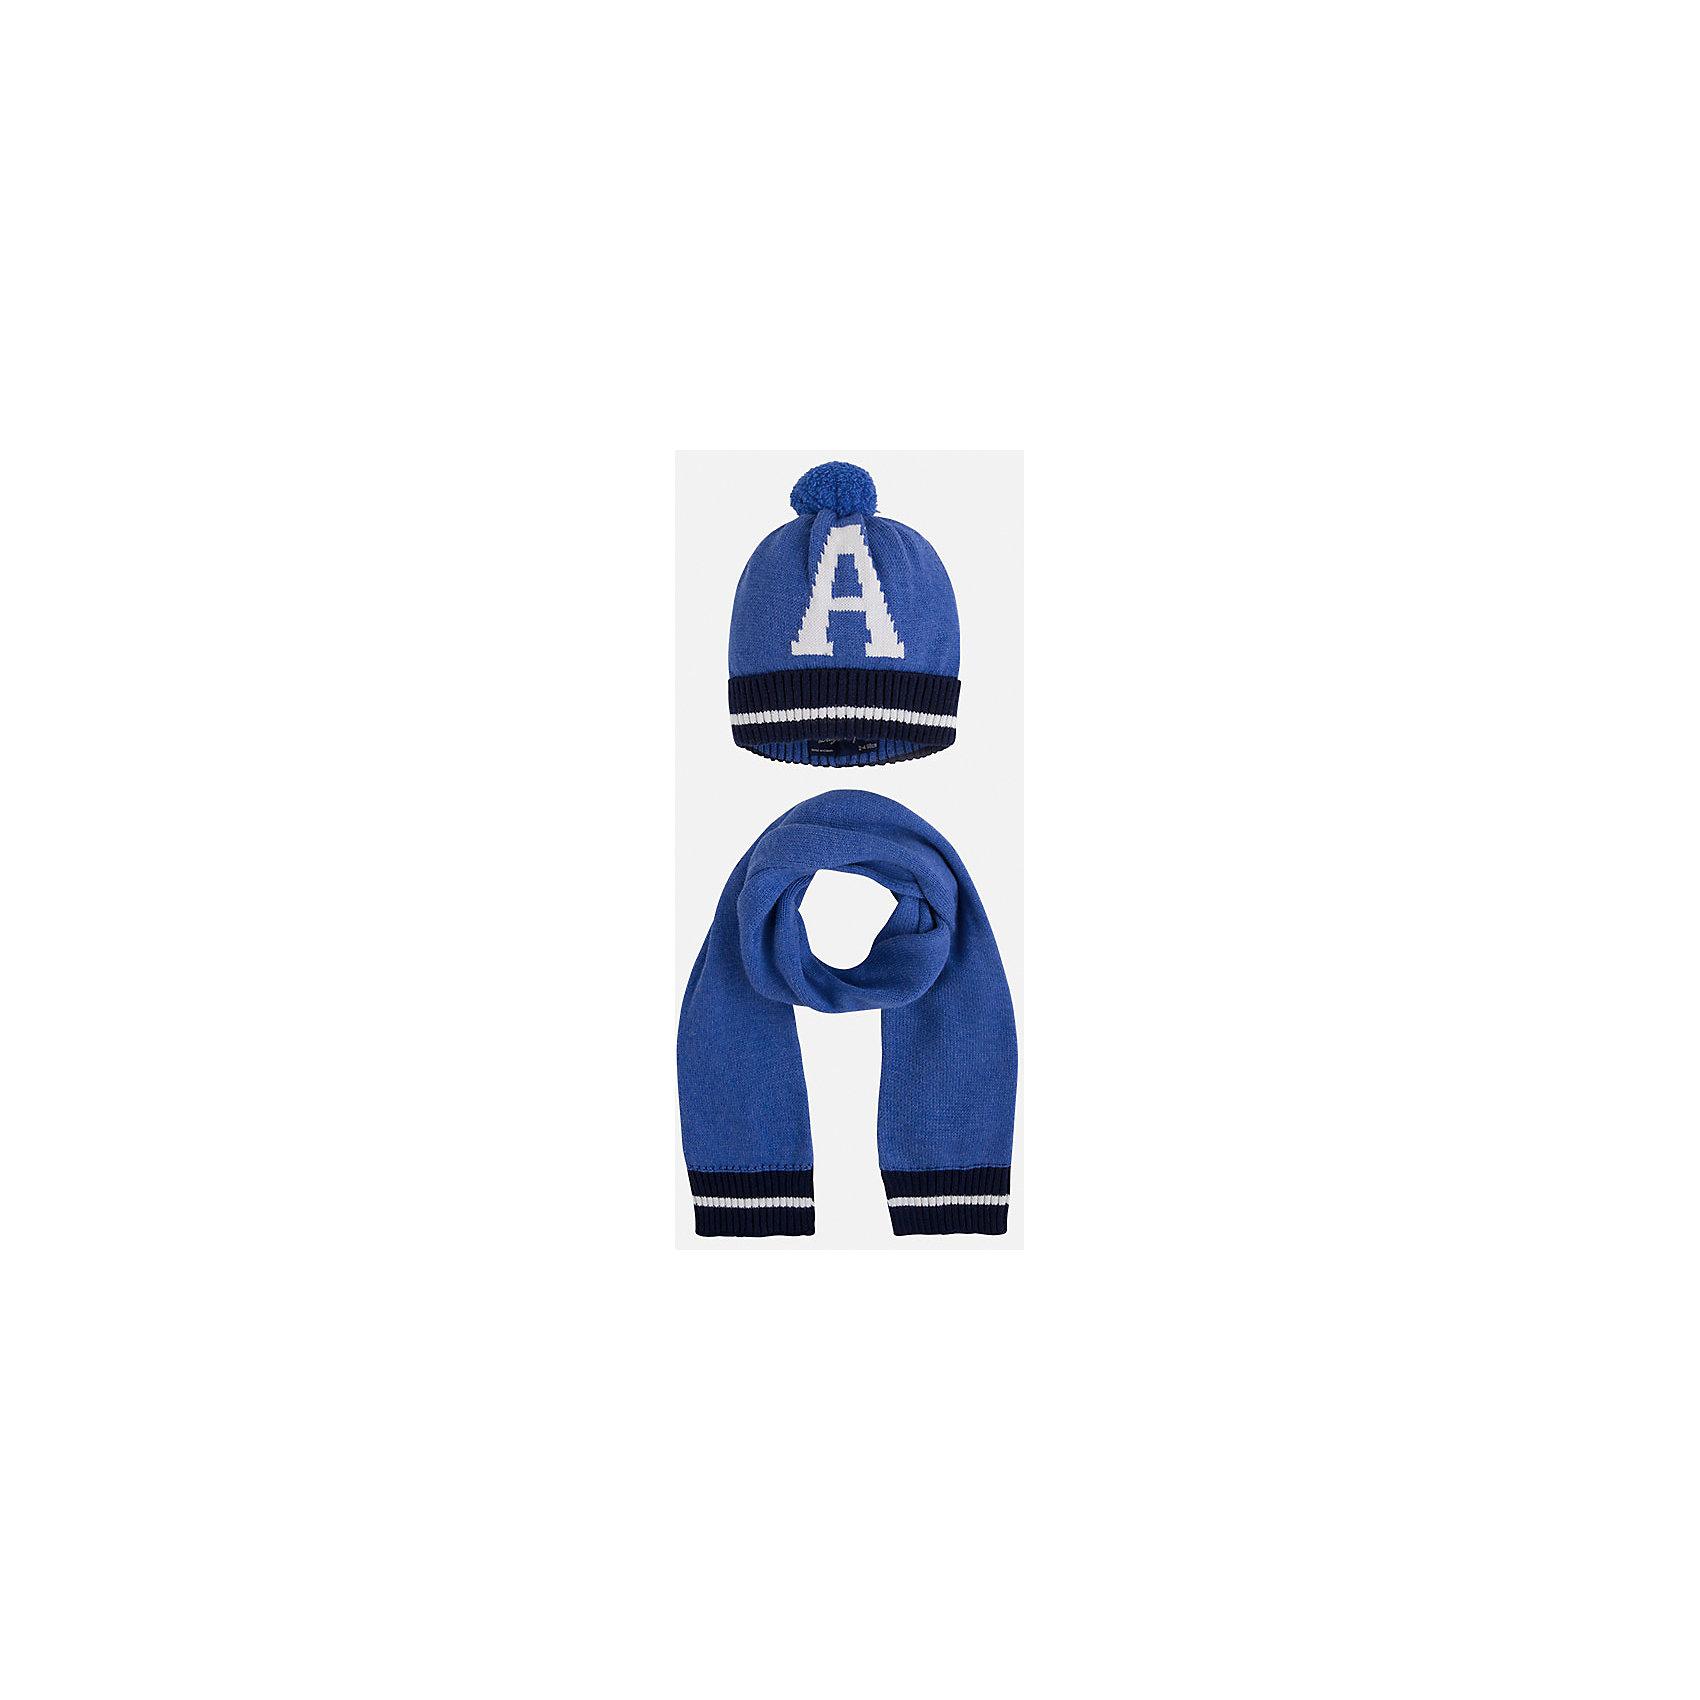 Комплект: шапка-шарф для мальчика MayoralКомплект из шапки и шарфа от известного испанского бренда Mayoral. Комплект изготовлен из качественных водоотталкивающих материалов. Шарф и шапка дополнены полосками темно-синего и белого цвета. На шапке рисунок в виде буквы А и помпон.<br>Дополнительная информация:<br>-цвет: синий<br>-состав: 60% хлопок, 30% полиамид, 10% шерсть<br>Комплект из шапки и шарфа вы можете приобрести в нашем интернет-магазине.<br><br>Ширина мм: 89<br>Глубина мм: 117<br>Высота мм: 44<br>Вес г: 155<br>Цвет: фиолетовый<br>Возраст от месяцев: 72<br>Возраст до месяцев: 84<br>Пол: Мужской<br>Возраст: Детский<br>Размер: 54,52,50<br>SKU: 4820197